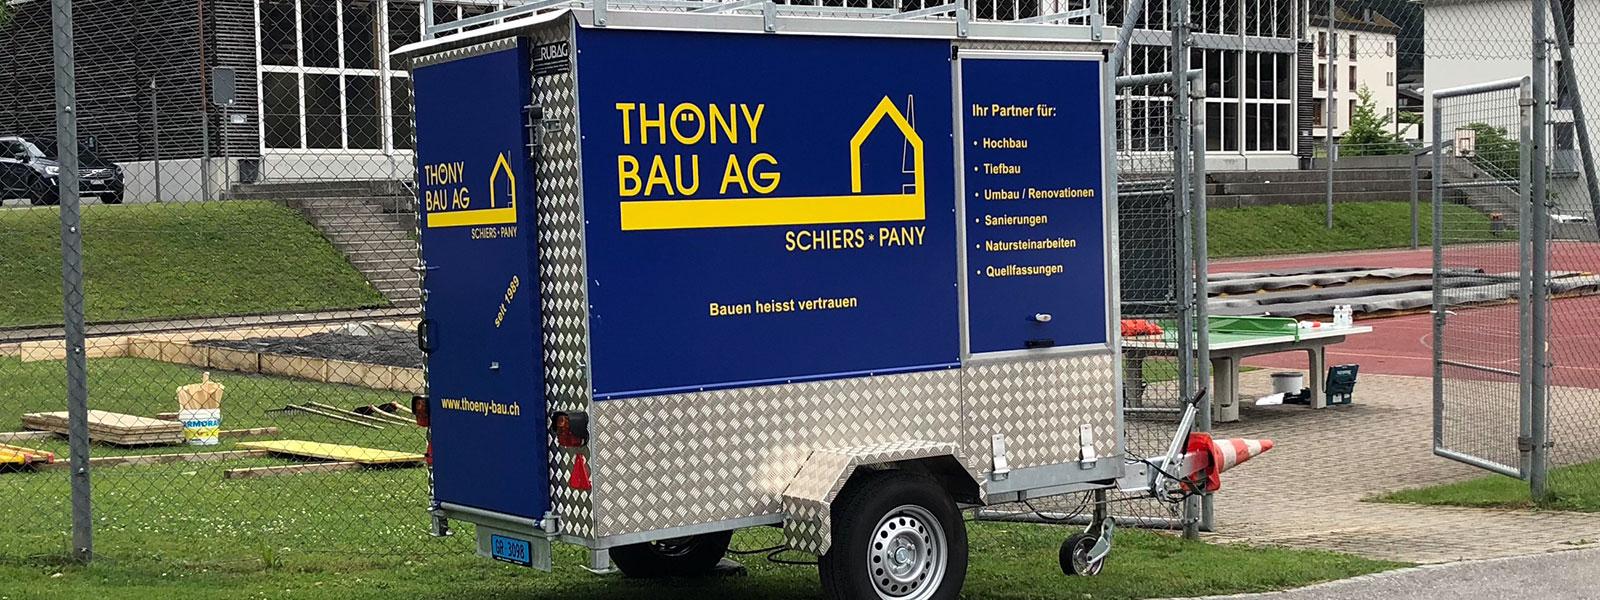 Thöny Bau AG